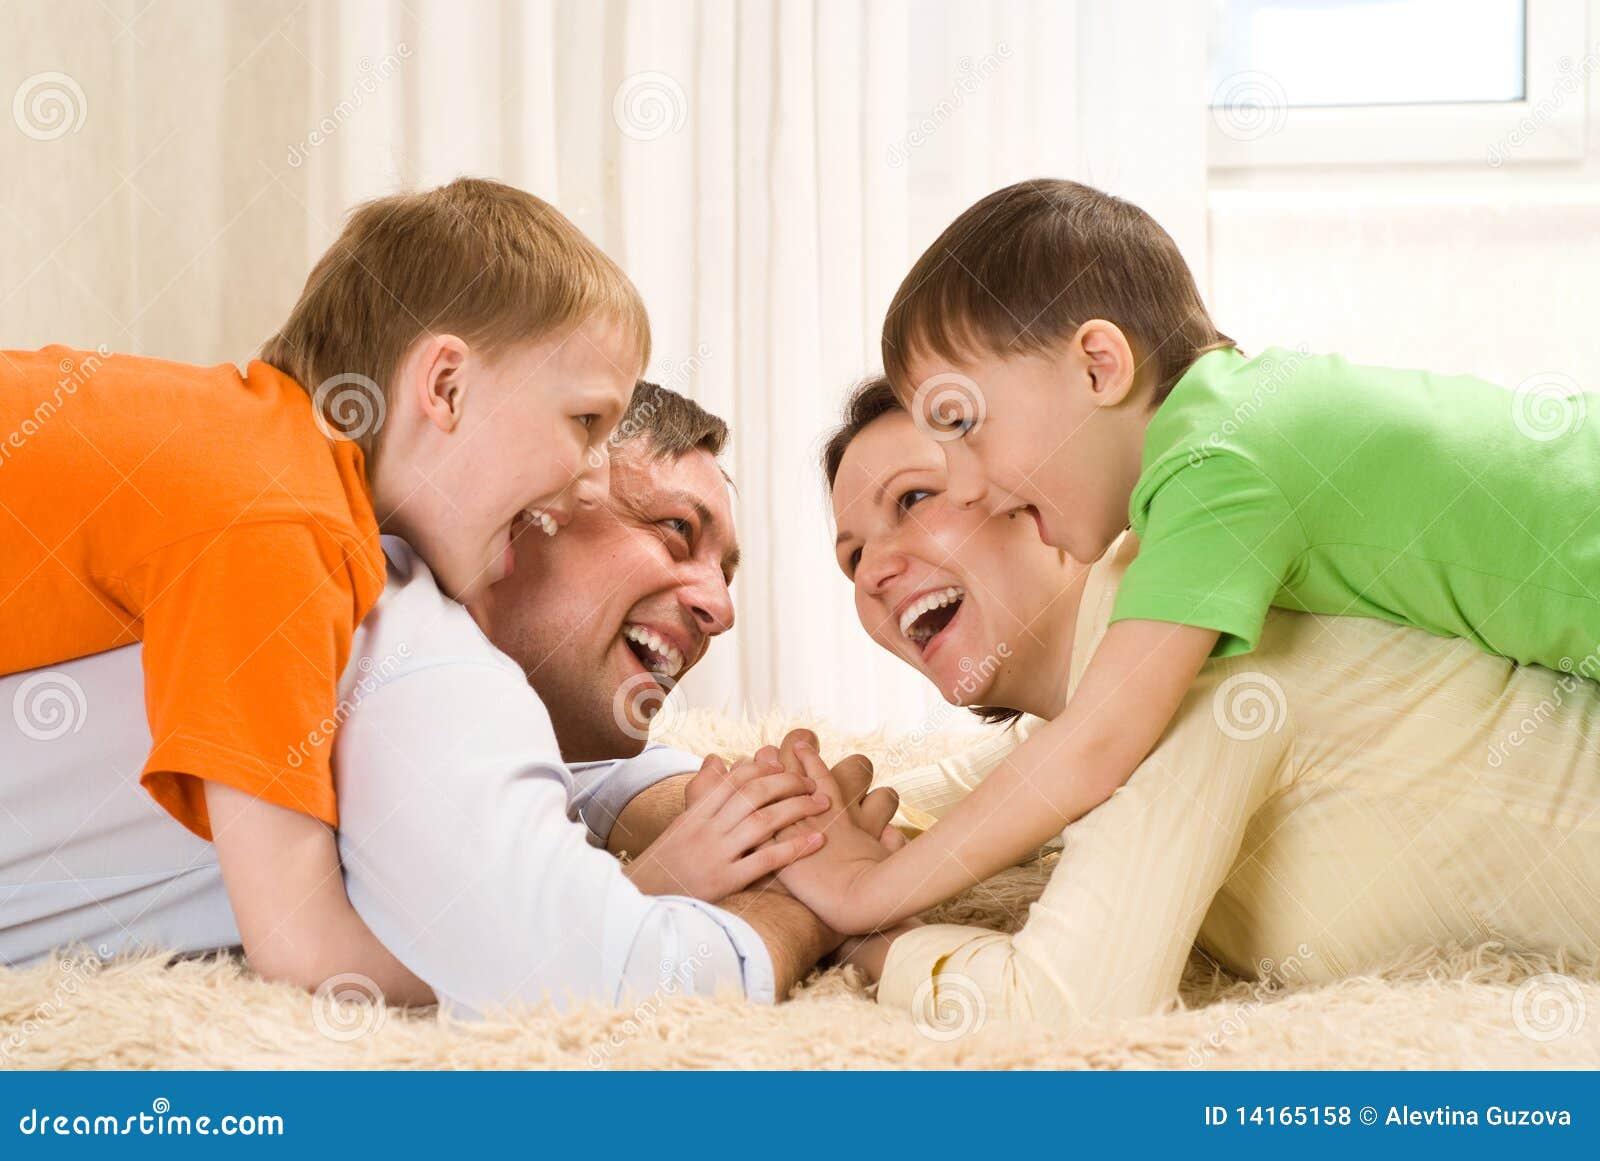 Семья иммершафт 2 17 фотография